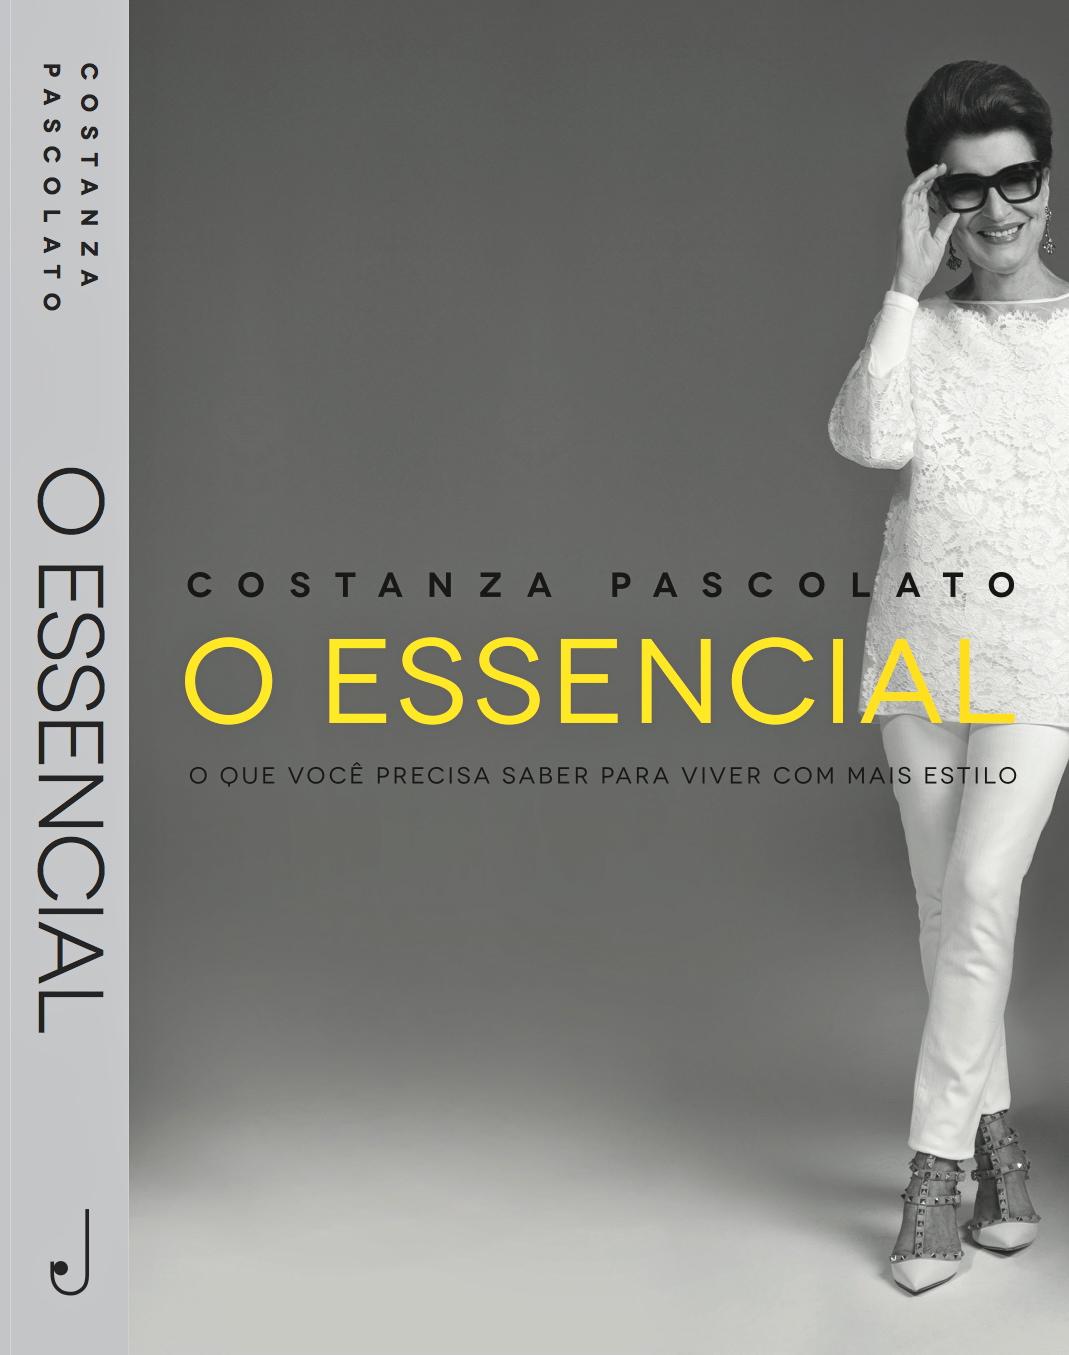 oessencial_capa_v05-copy_2bis